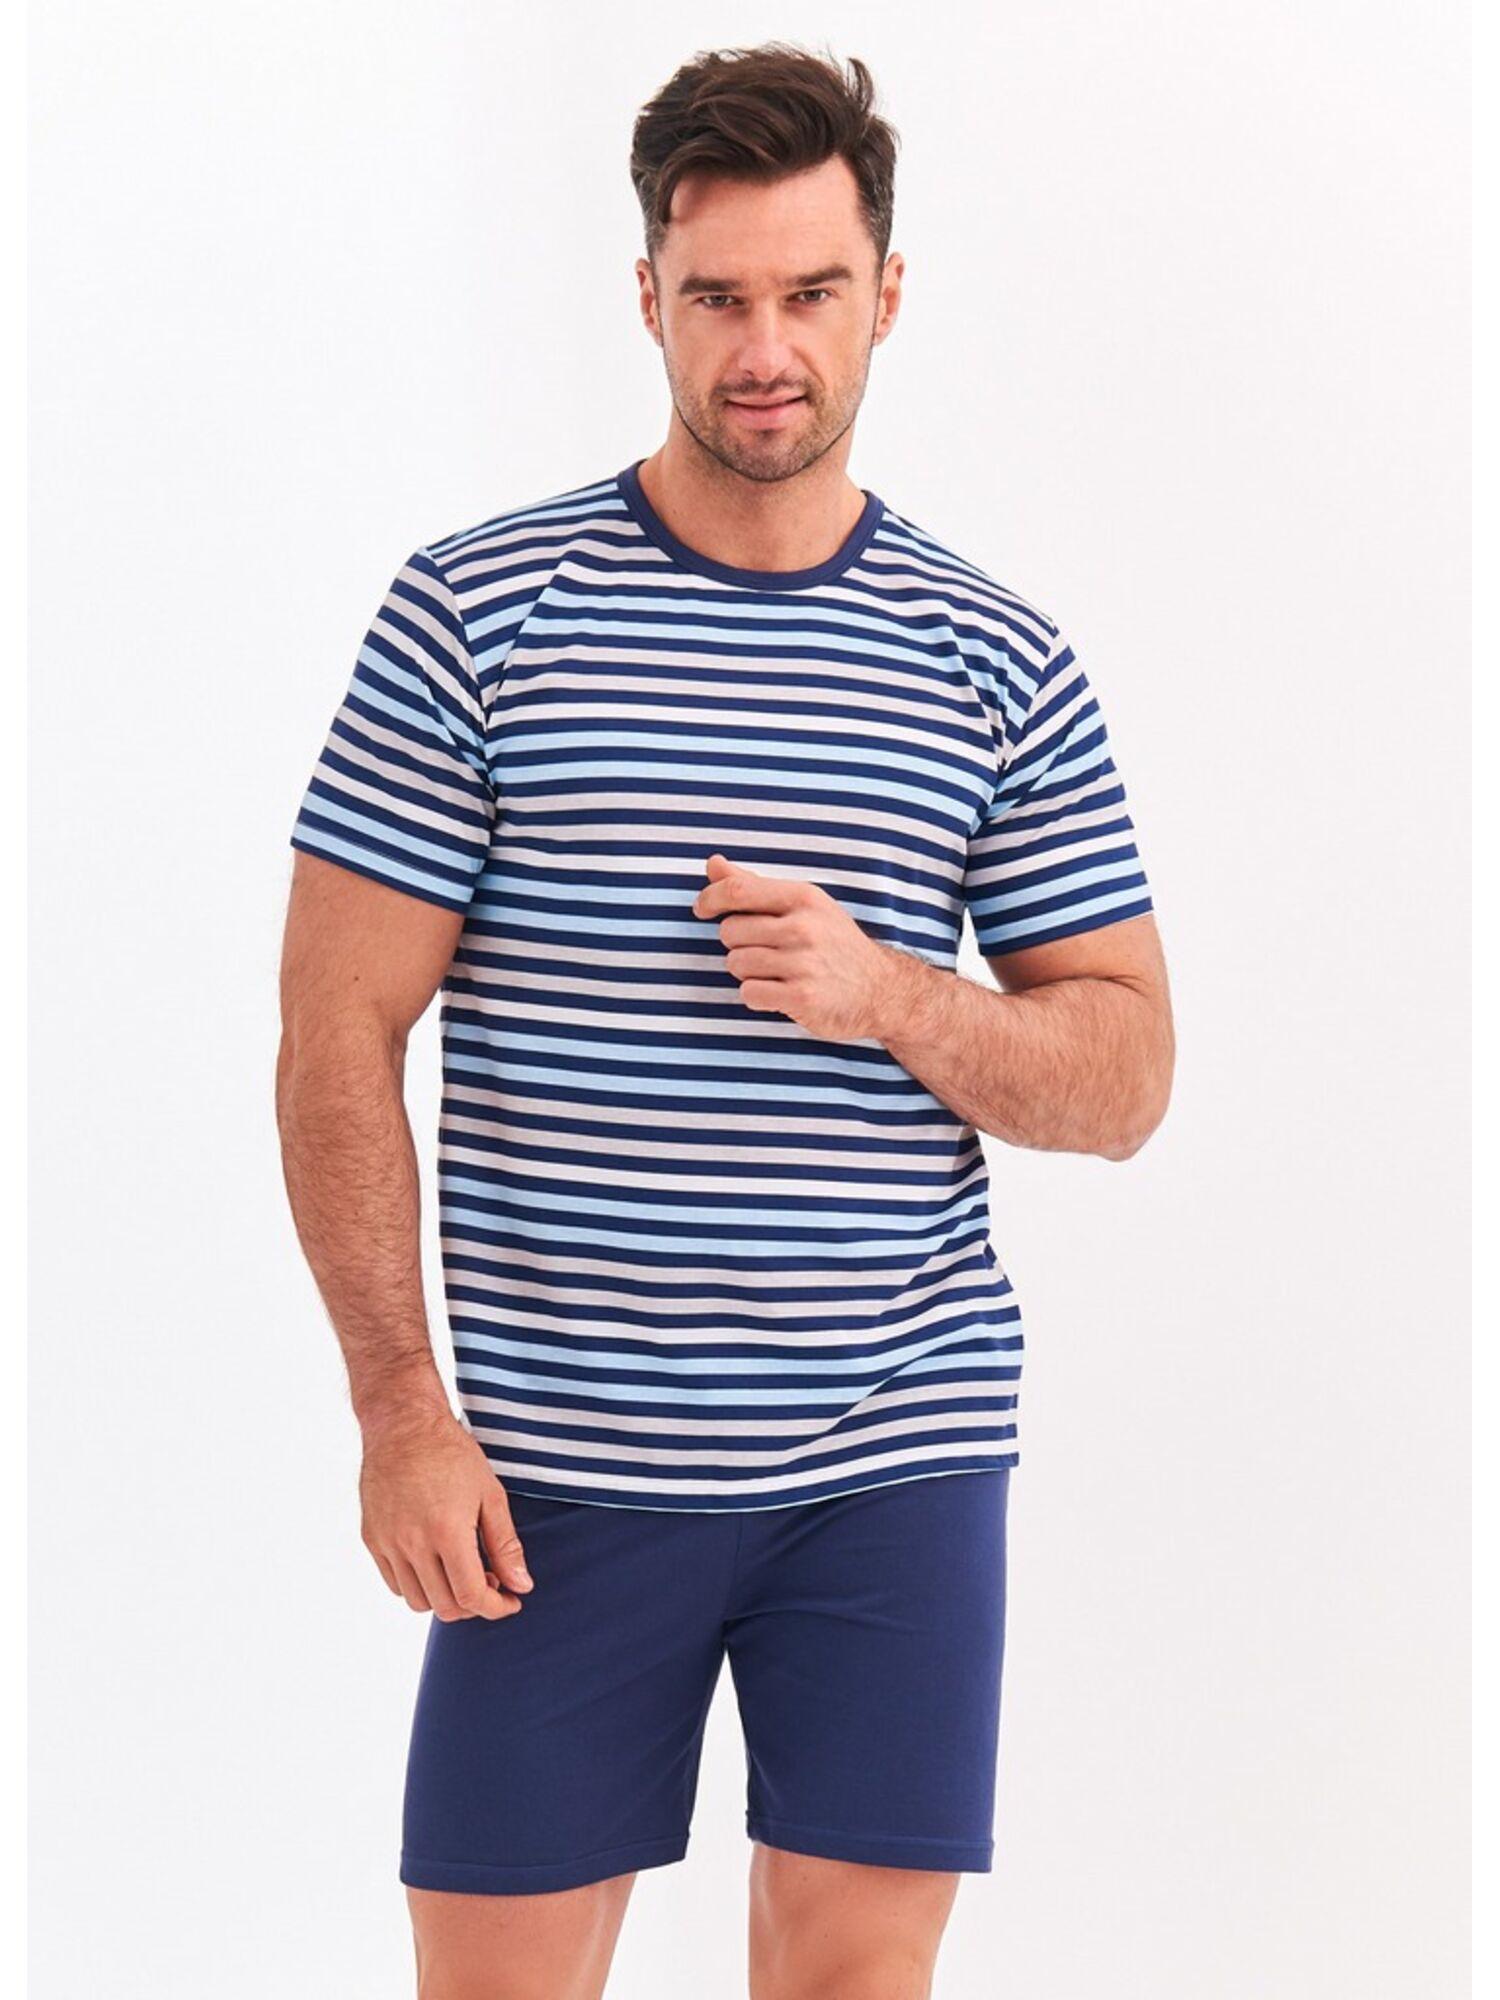 Пижама мужская 072 S20 Max с шортами, синяя с белым, TARO